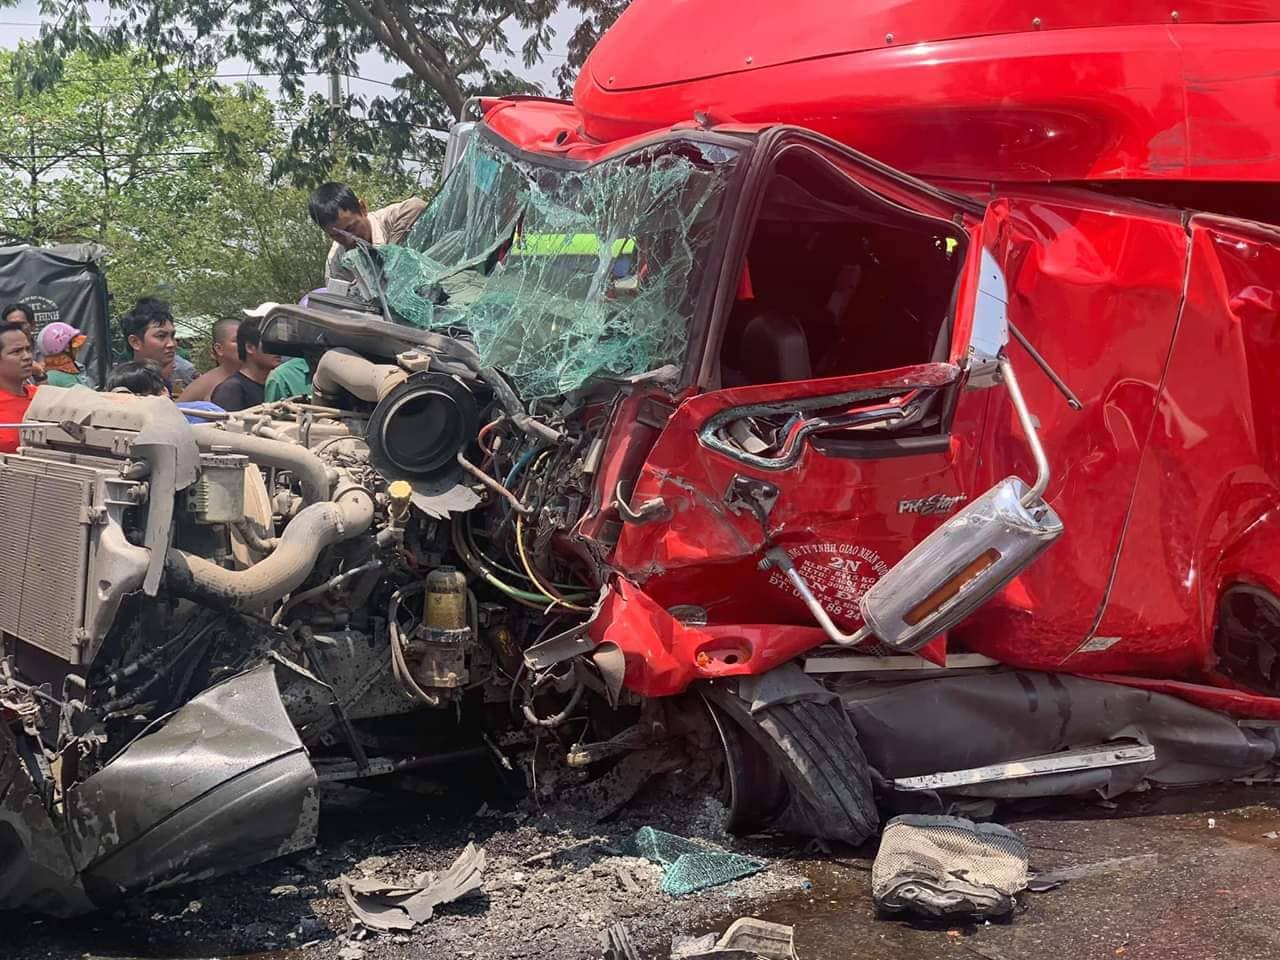 Cuộn thép nặng cả chục tấn bị đứt xích đè nát cabin xe đầu kéo, tài xế tử vong - 1